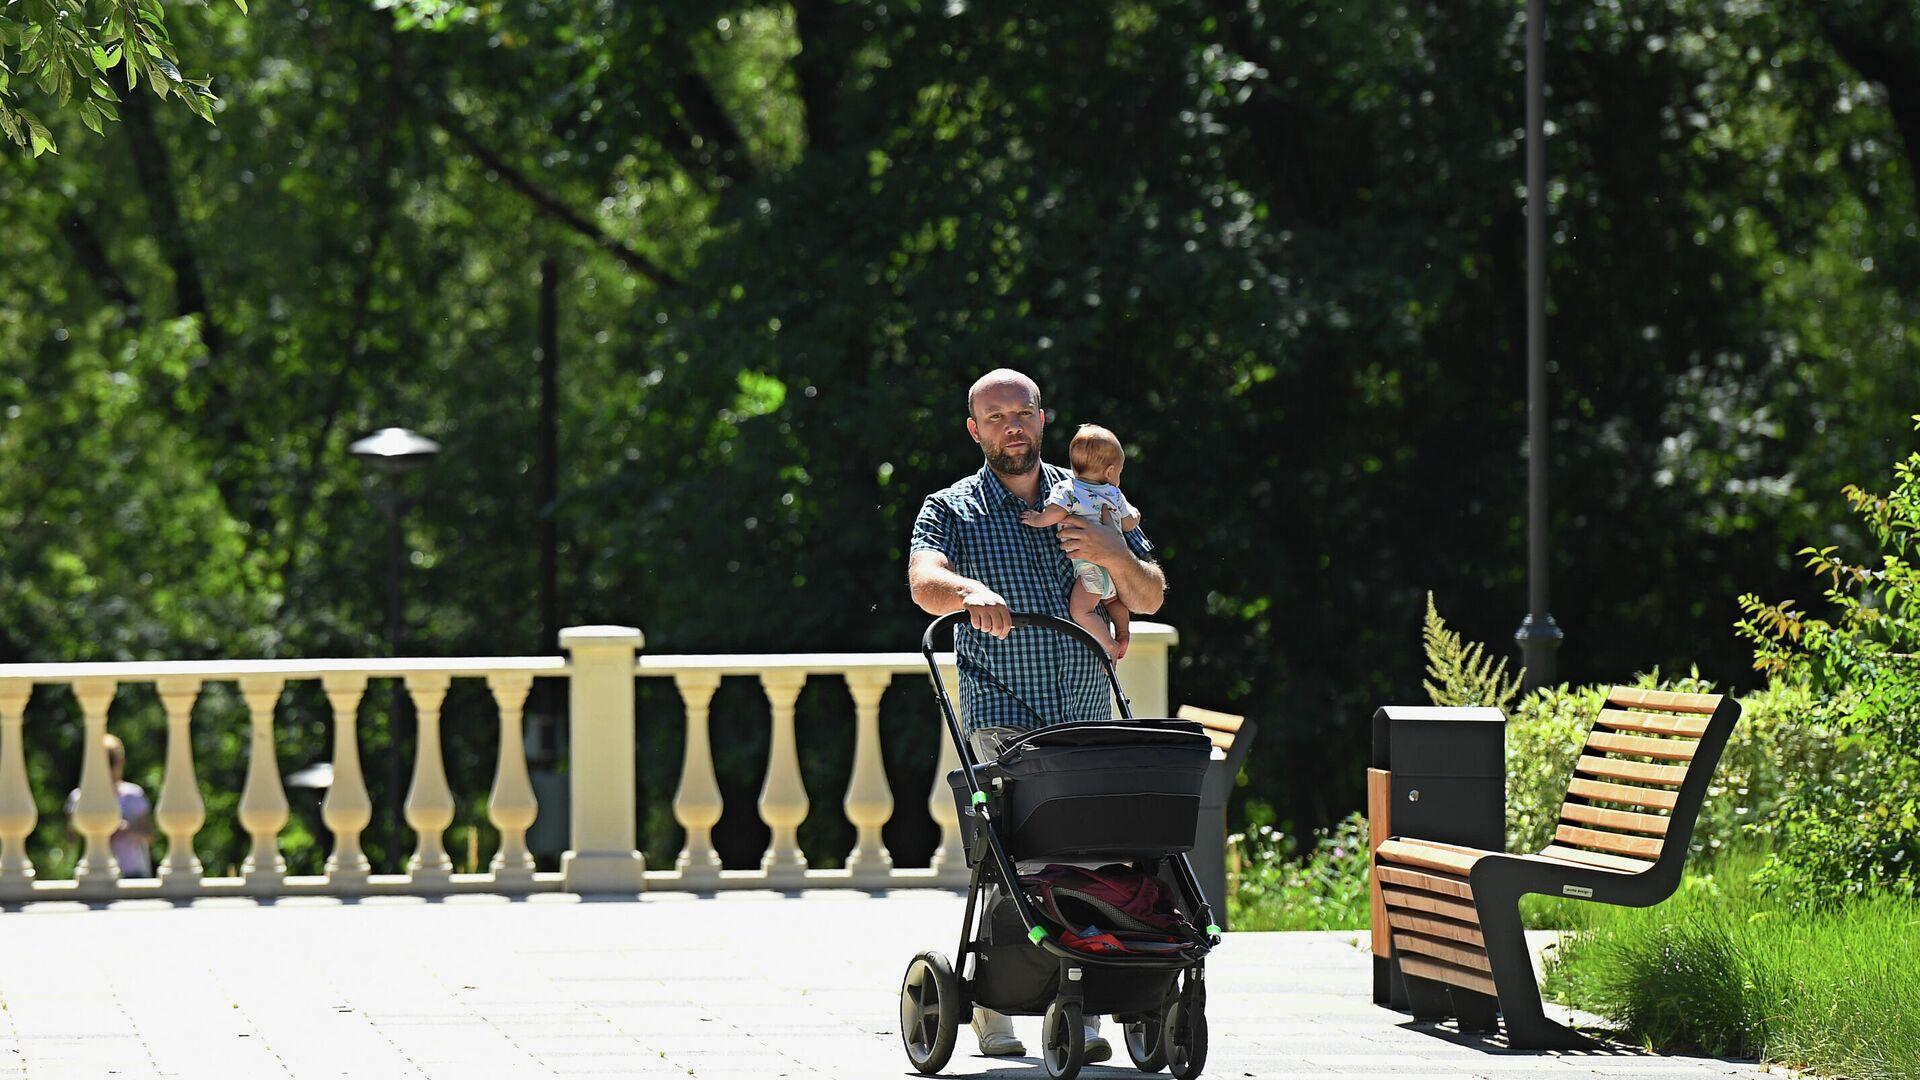 Мужчина гуляет с ребенком в парке Сад будущего в Москве - РИА Новости, 1920, 20.05.2021